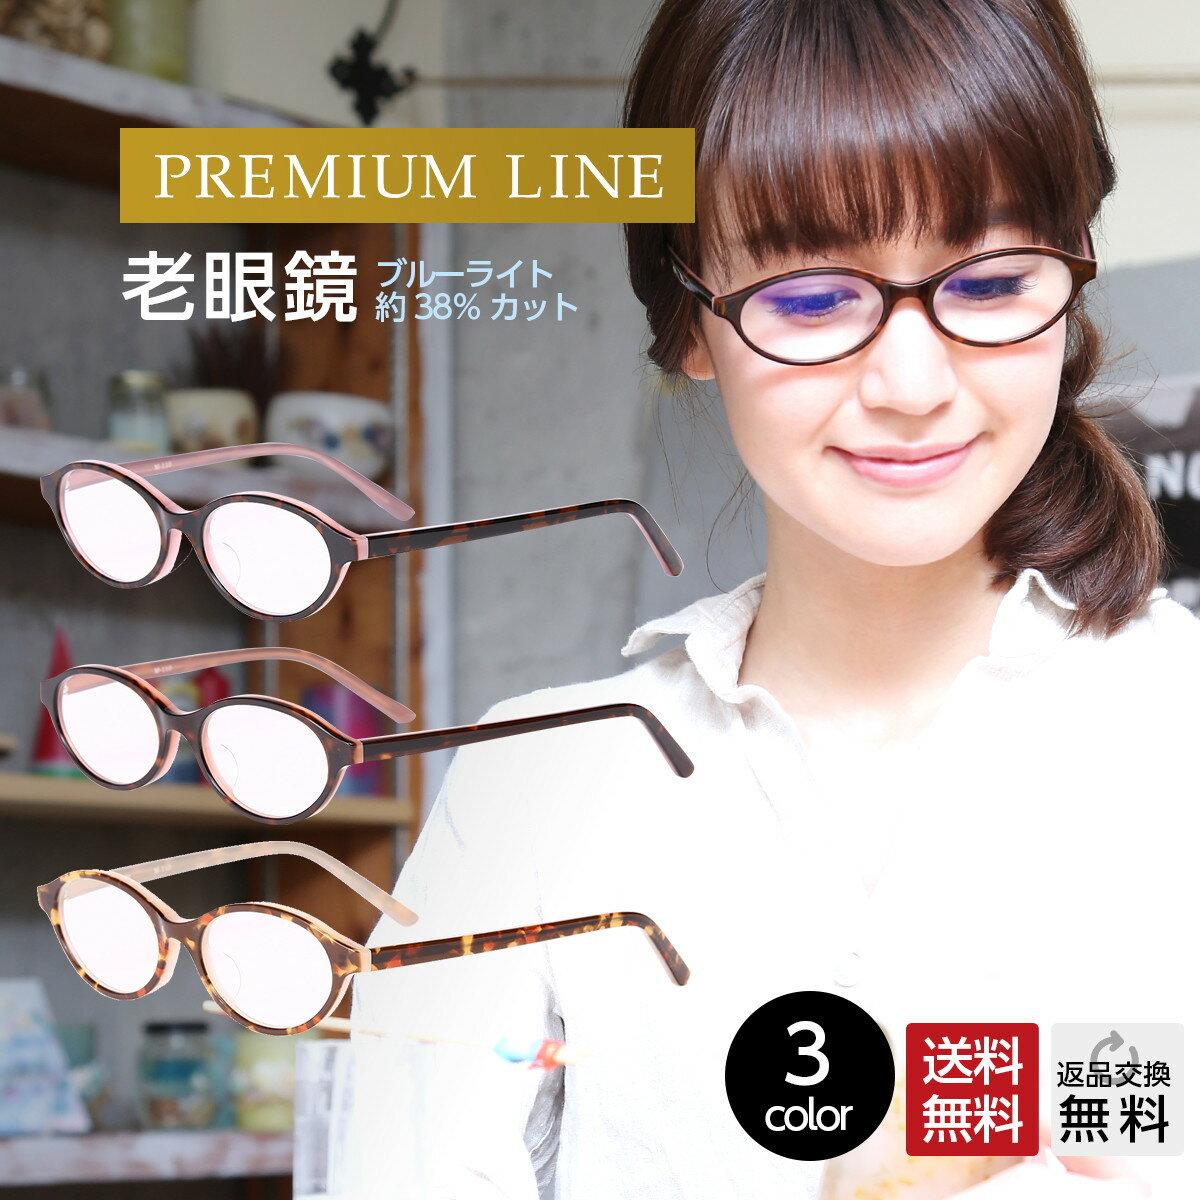 老眼鏡 ブルーライトカット38% 紫外線カット99% 女性用 レディース おしゃれ 高級モデル 深みのあるアセテート オーバル 薄型レンズ 薄型非球面レンズ 静電気防止 UV400 リーディンググラス シニアグラス 全3色